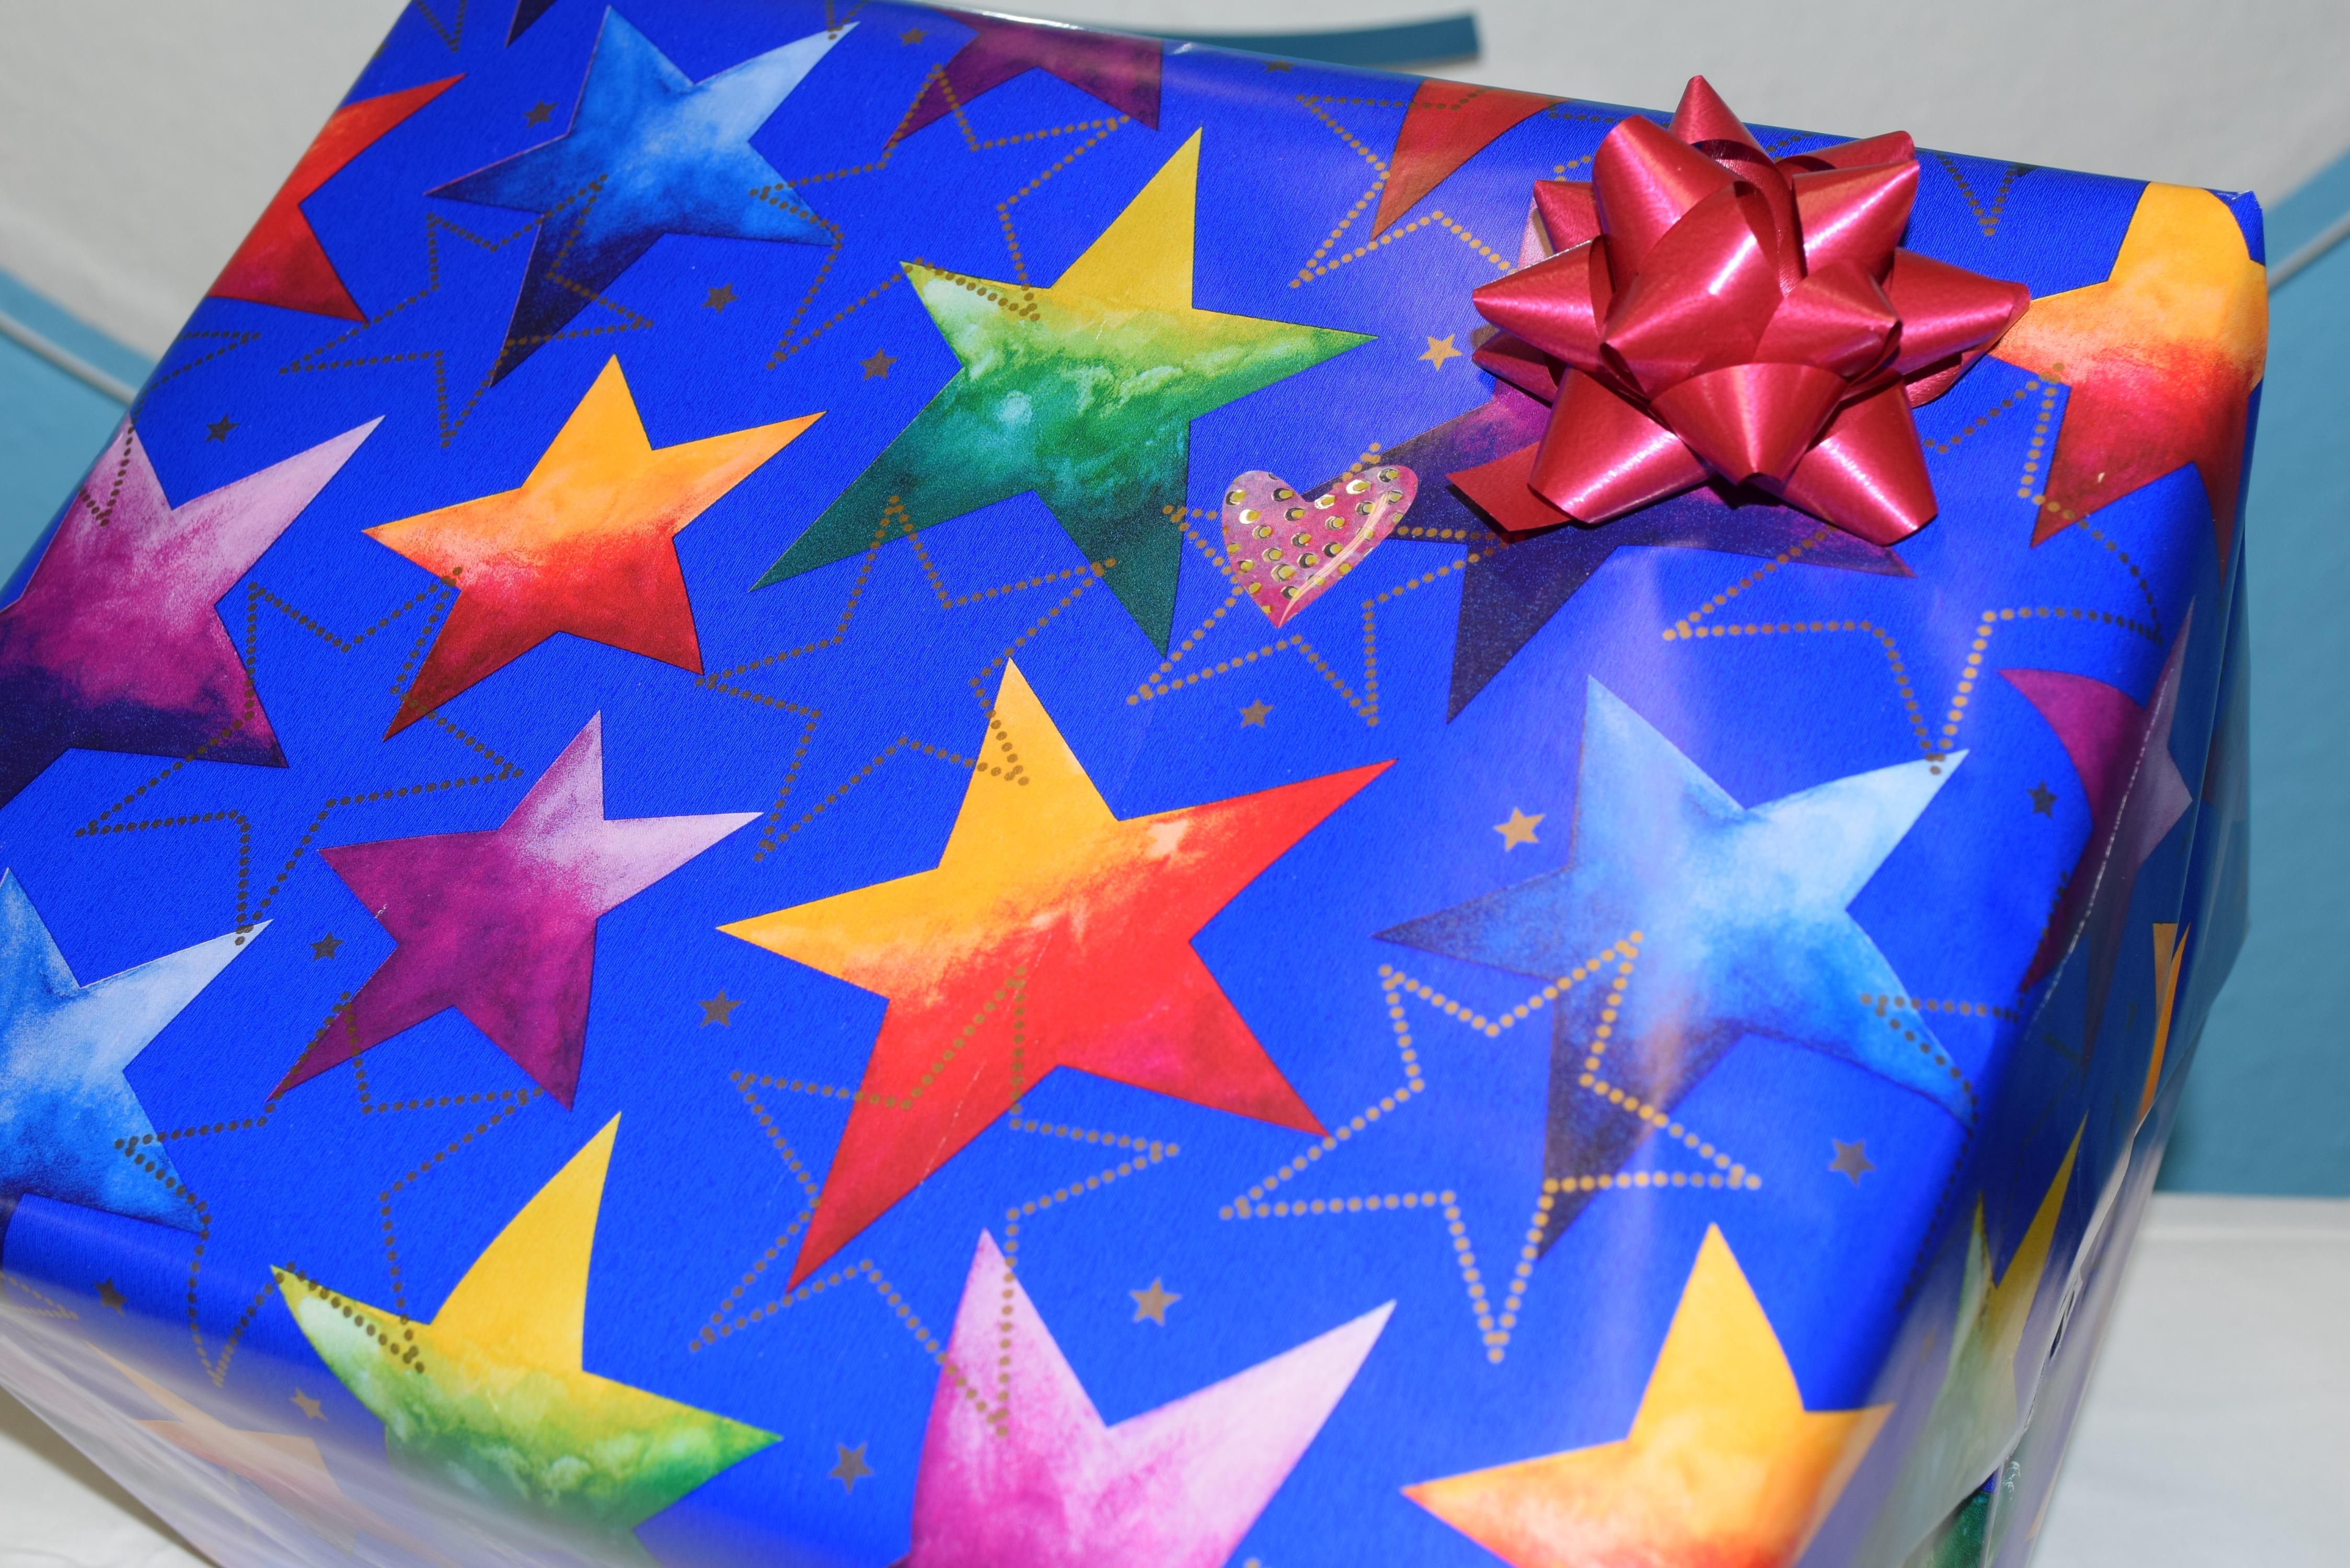 hilfe weihnachtsgeschenke einpacken dein allblue world service allblue. Black Bedroom Furniture Sets. Home Design Ideas